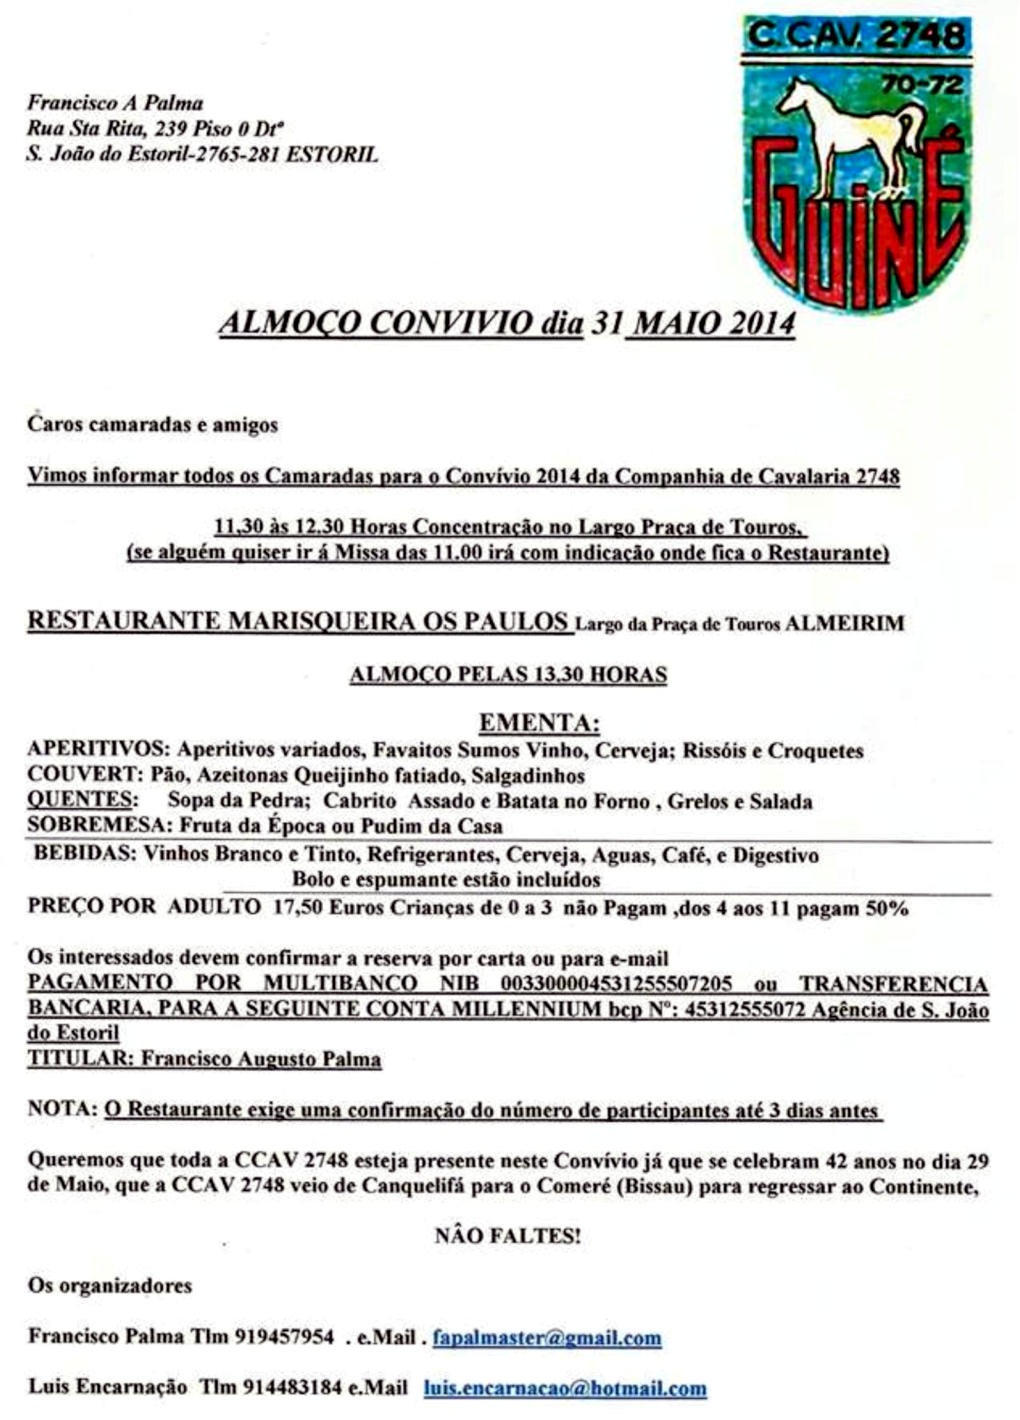 Almoço Convívio da Companhia de Cavalaria 2748 - Almeirim - 31Mai2014 Compan14